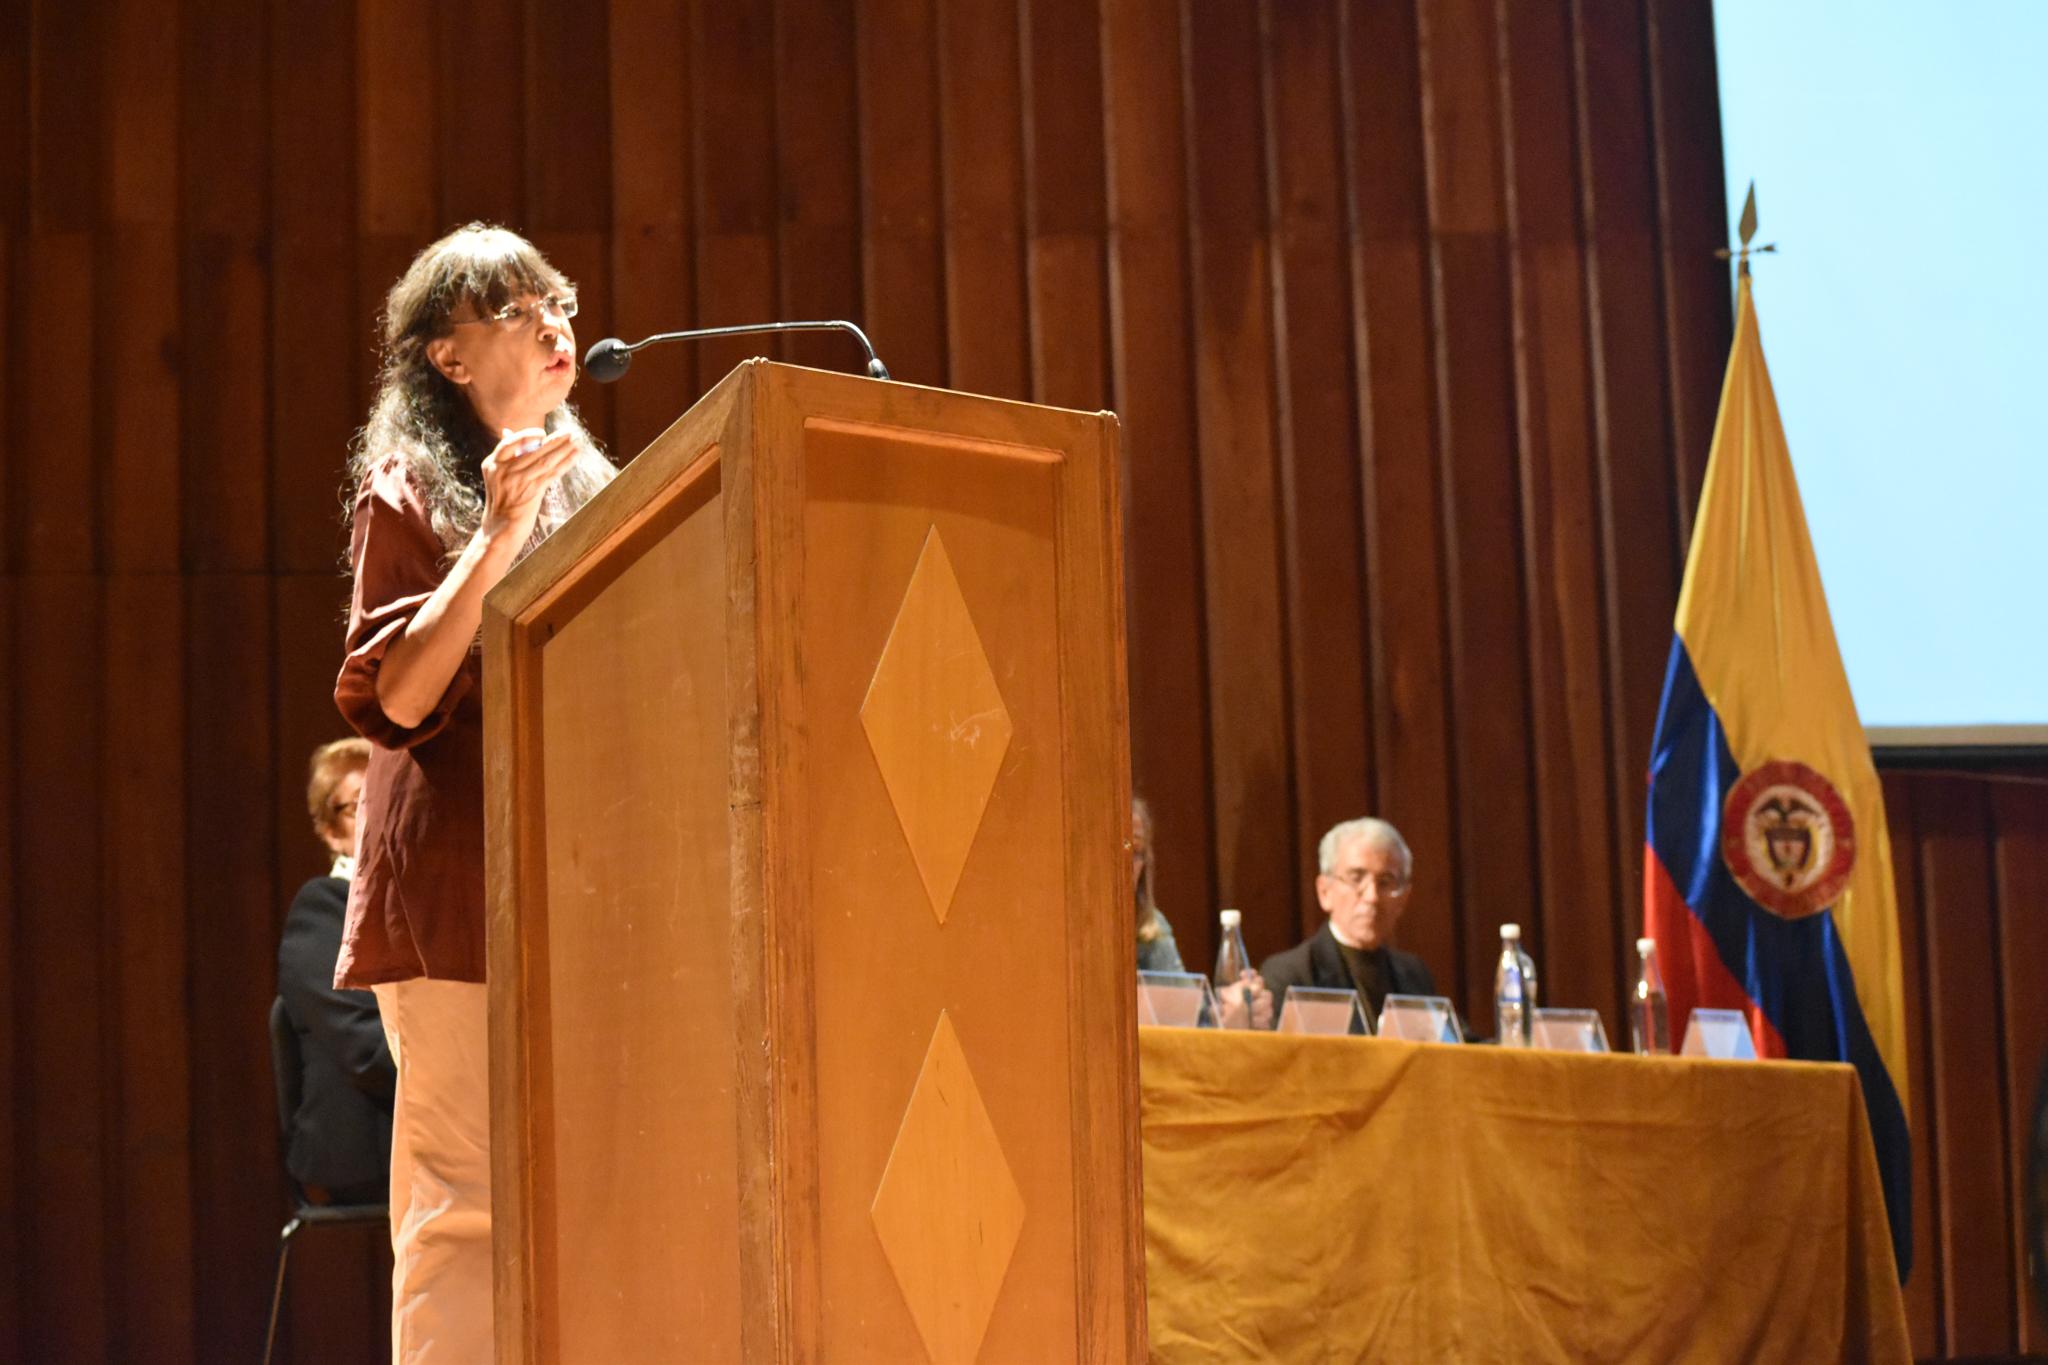 Yanette Bautista, directora de la Fundación Nydia Érika Bautista (Foto: Aura Flechas)